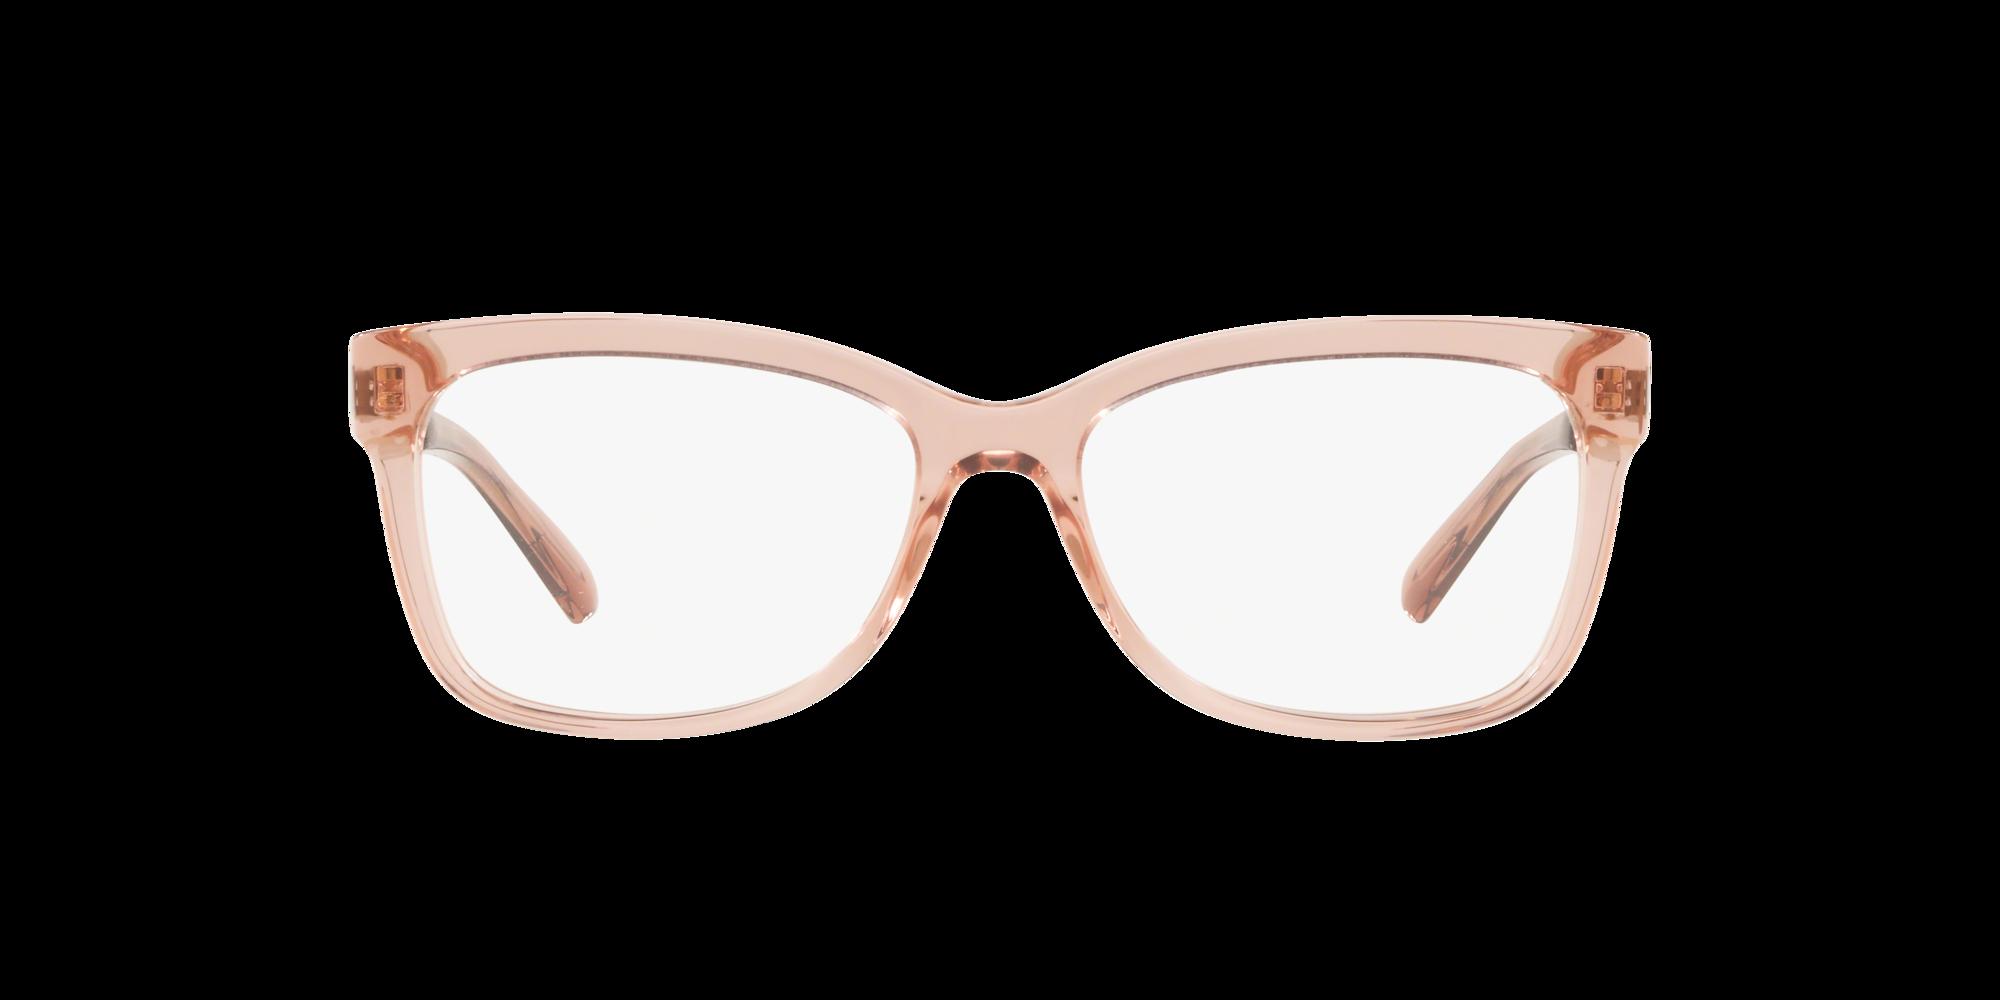 Imagen para MK4064 PALOMA III de LensCrafters    Espejuelos, espejuelos graduados en línea, gafas